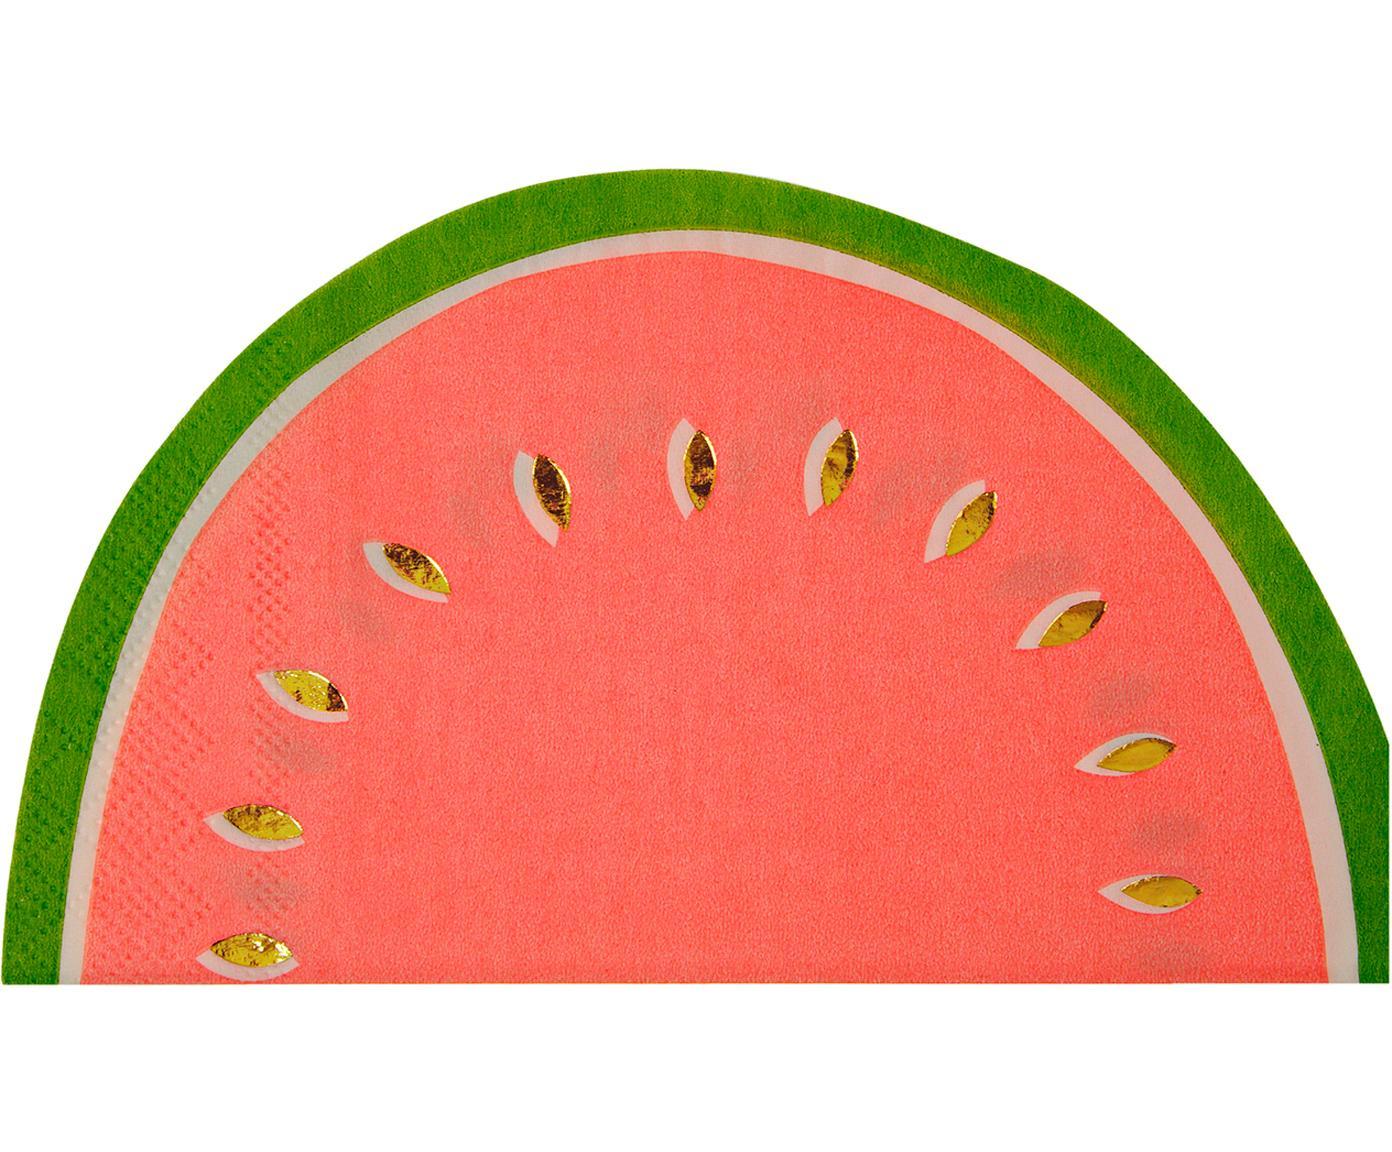 Serwetka z papieru Watermelon, 16 szt., Papier, Czerwony, zielony, odcienie złotego, S 20 x D 17 cm